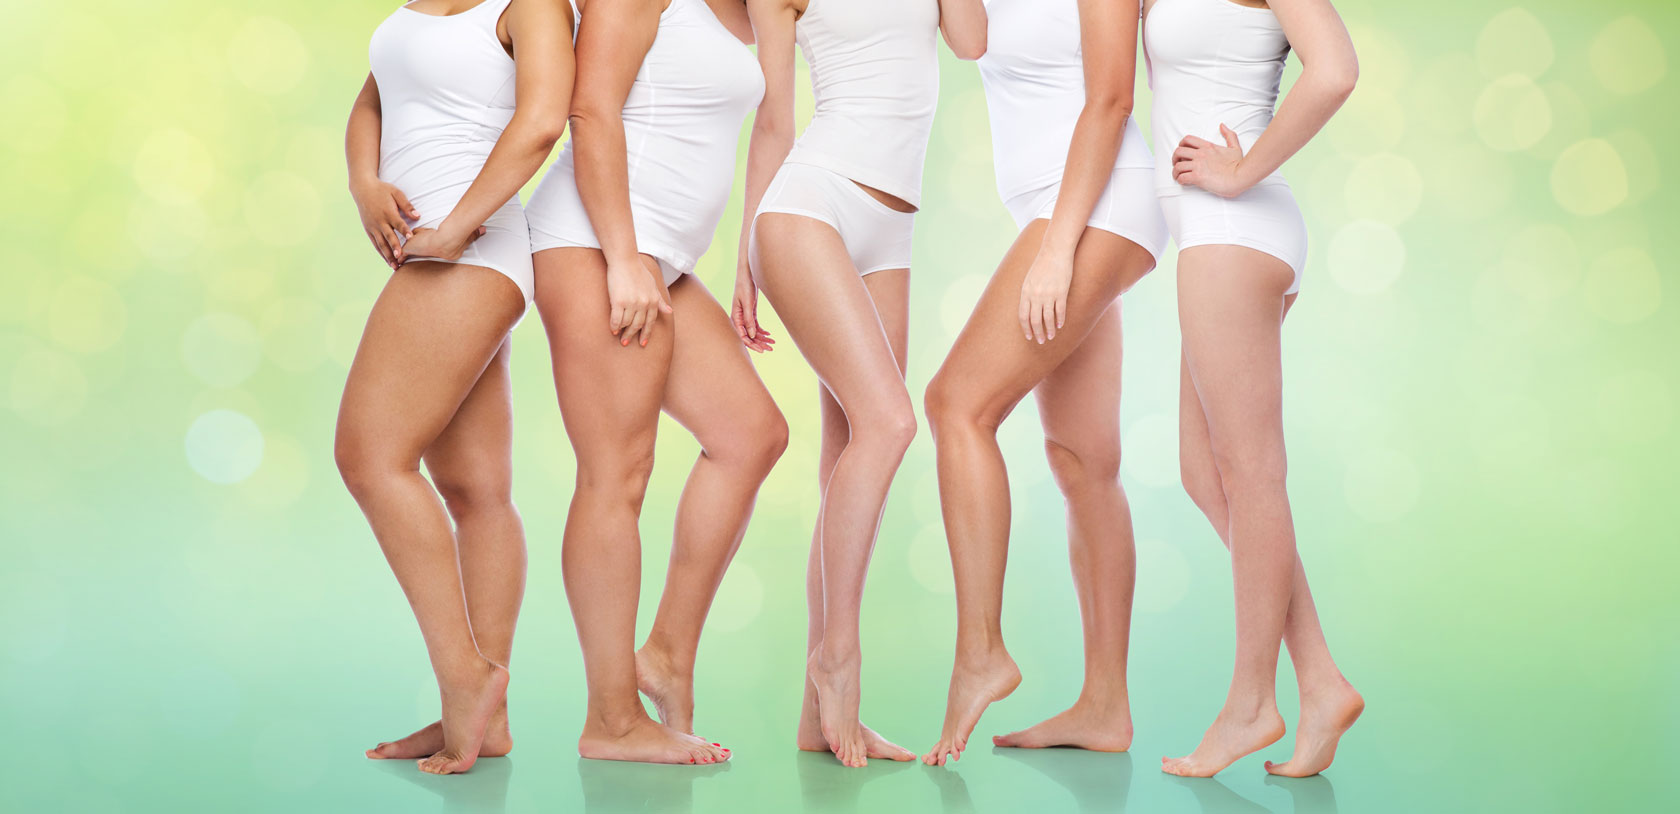 Ridurre la cellulite -